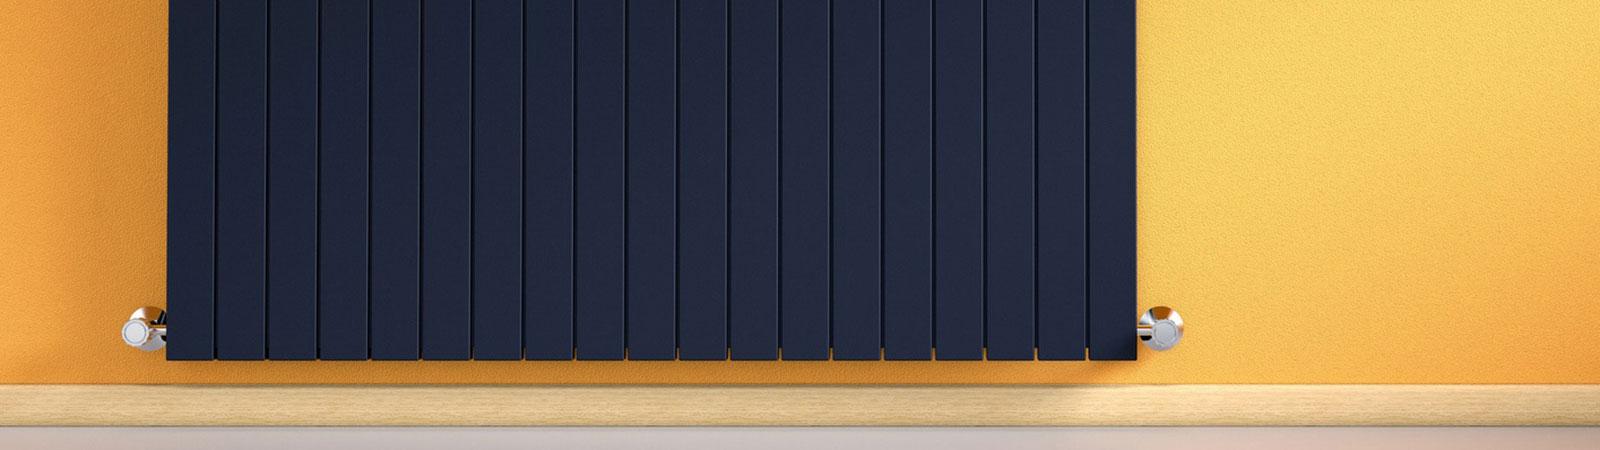 infrarotheizung im test alle vorteile und nachteile. Black Bedroom Furniture Sets. Home Design Ideas